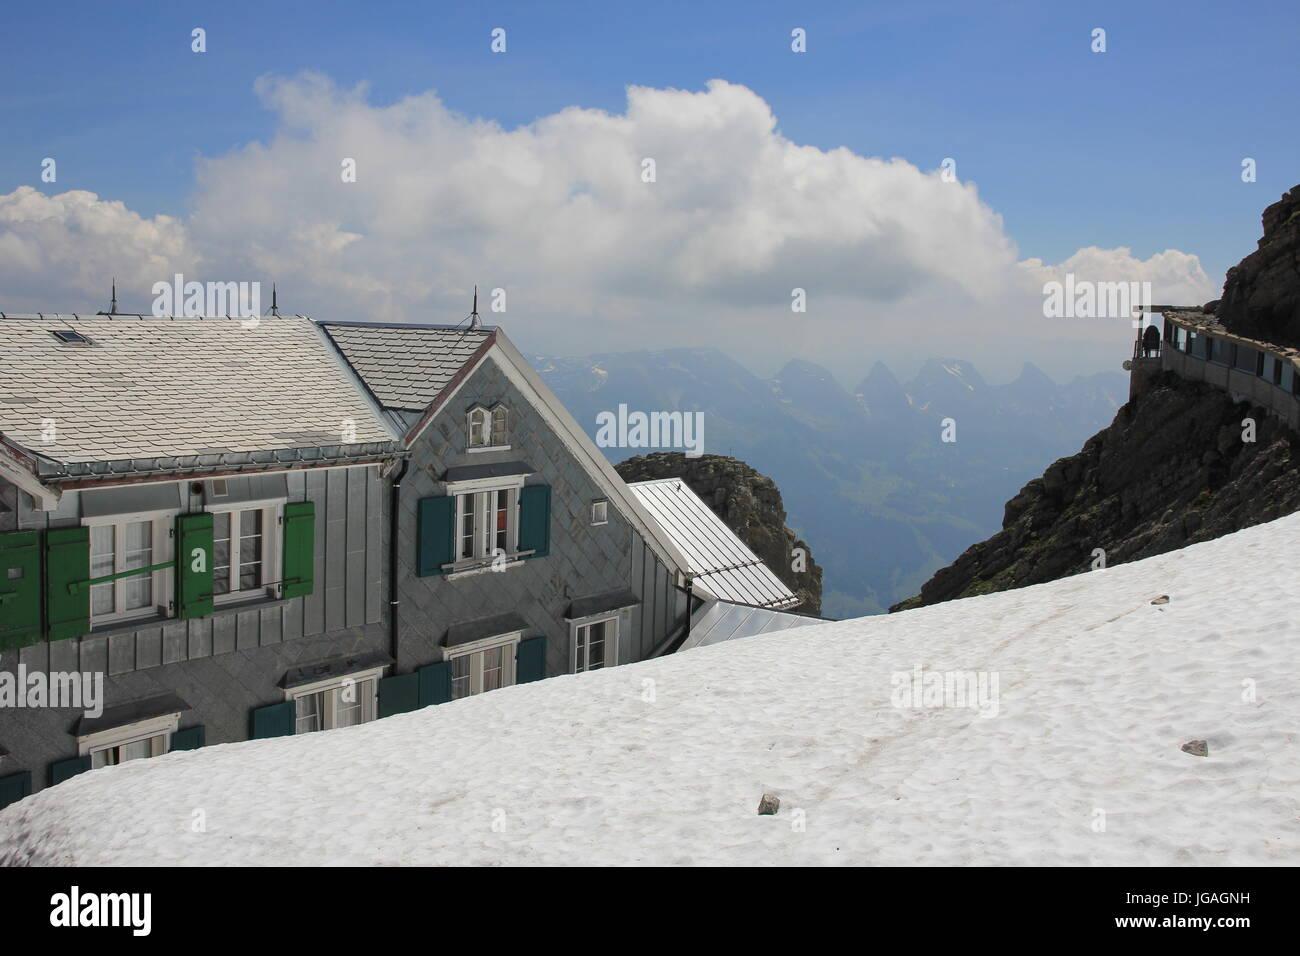 Schnee auf Mount Santis und altes Hotel. Stockbild